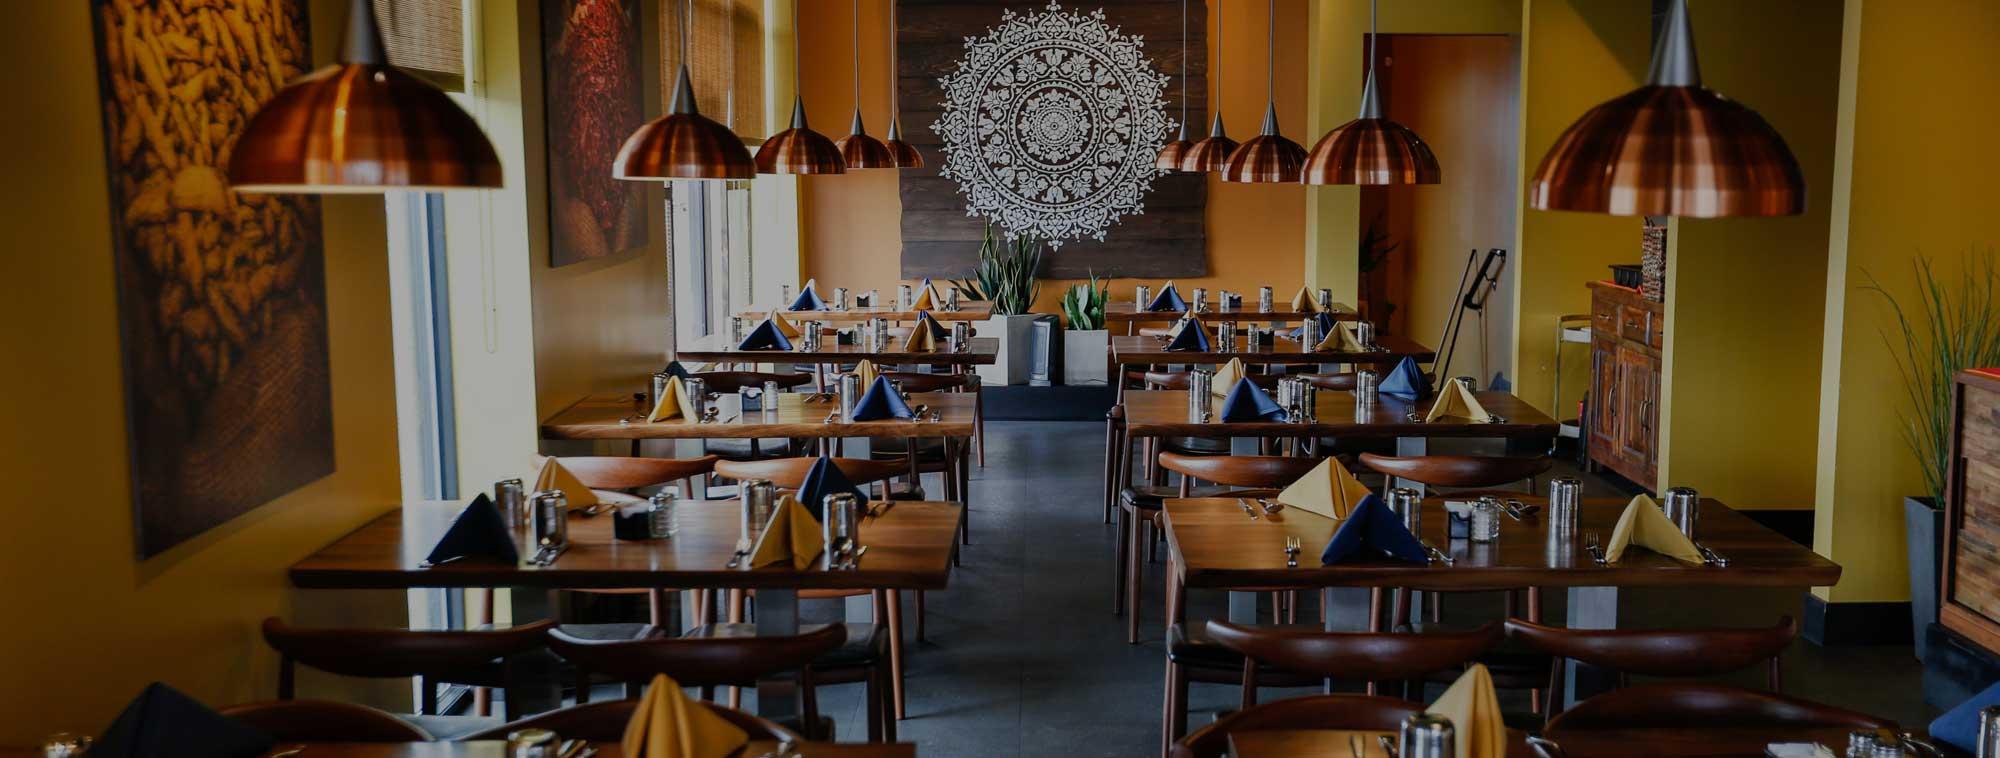 Saffron Bistro Sugar House Indian Restaurant Utah